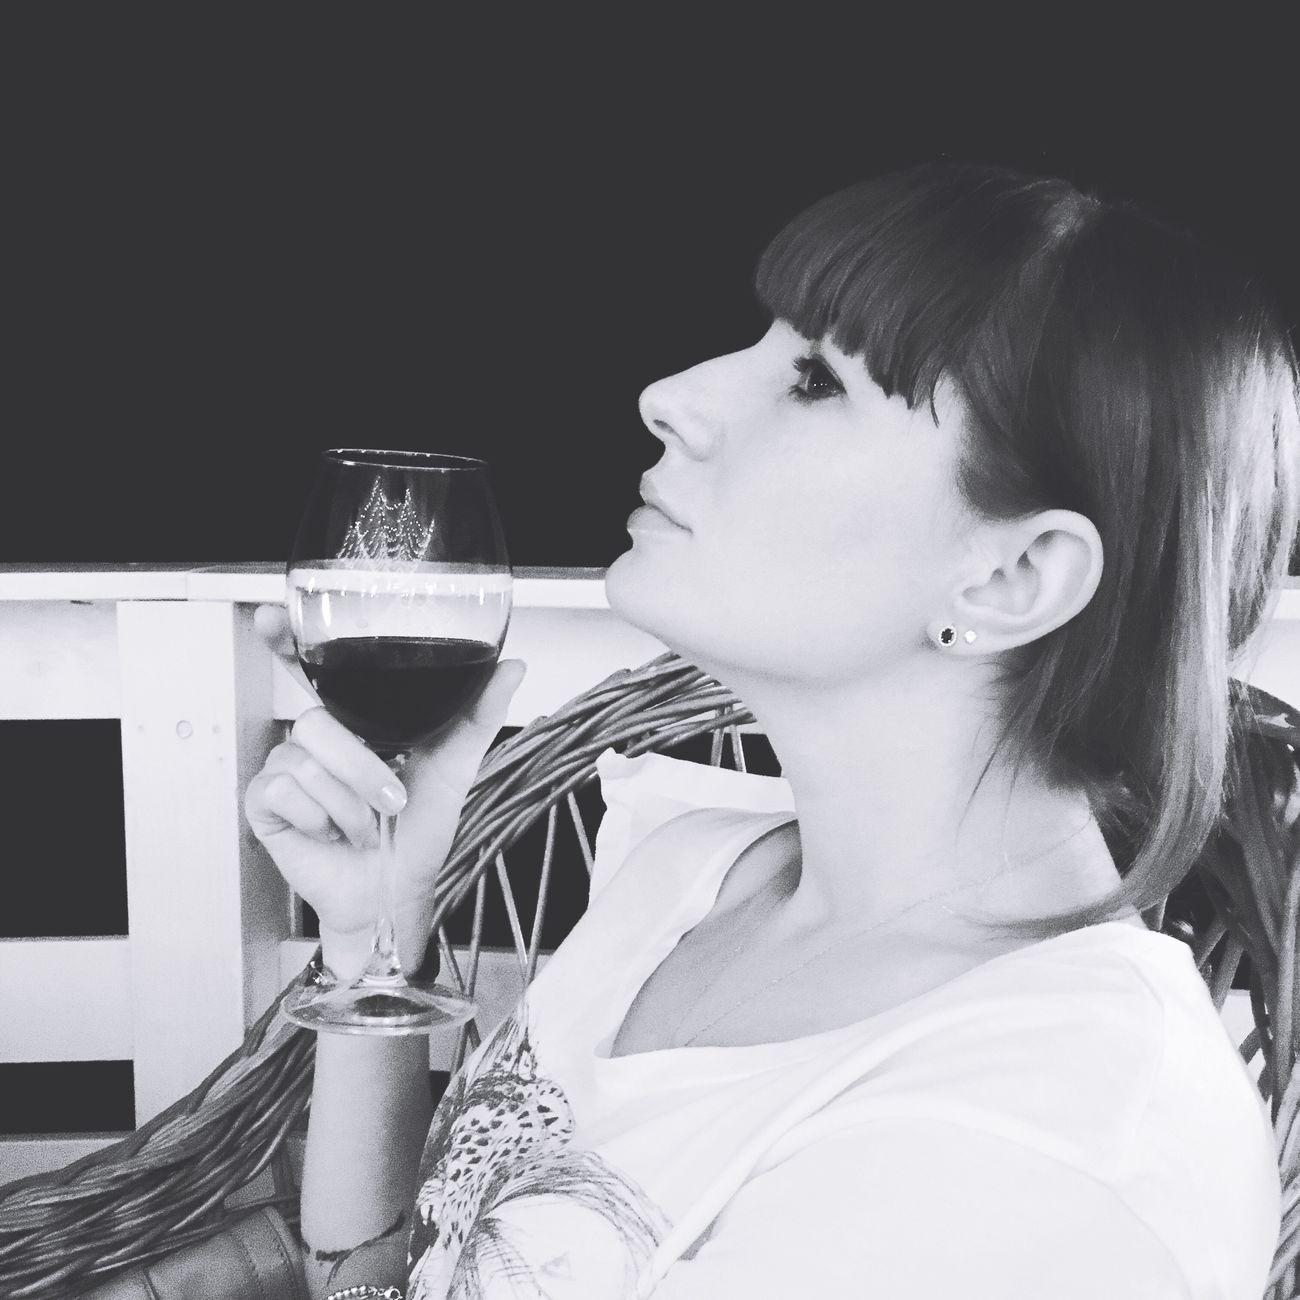 Femme fatale boit du vin Tchintchin Lavieenvin la vie en vin Hollyfriday